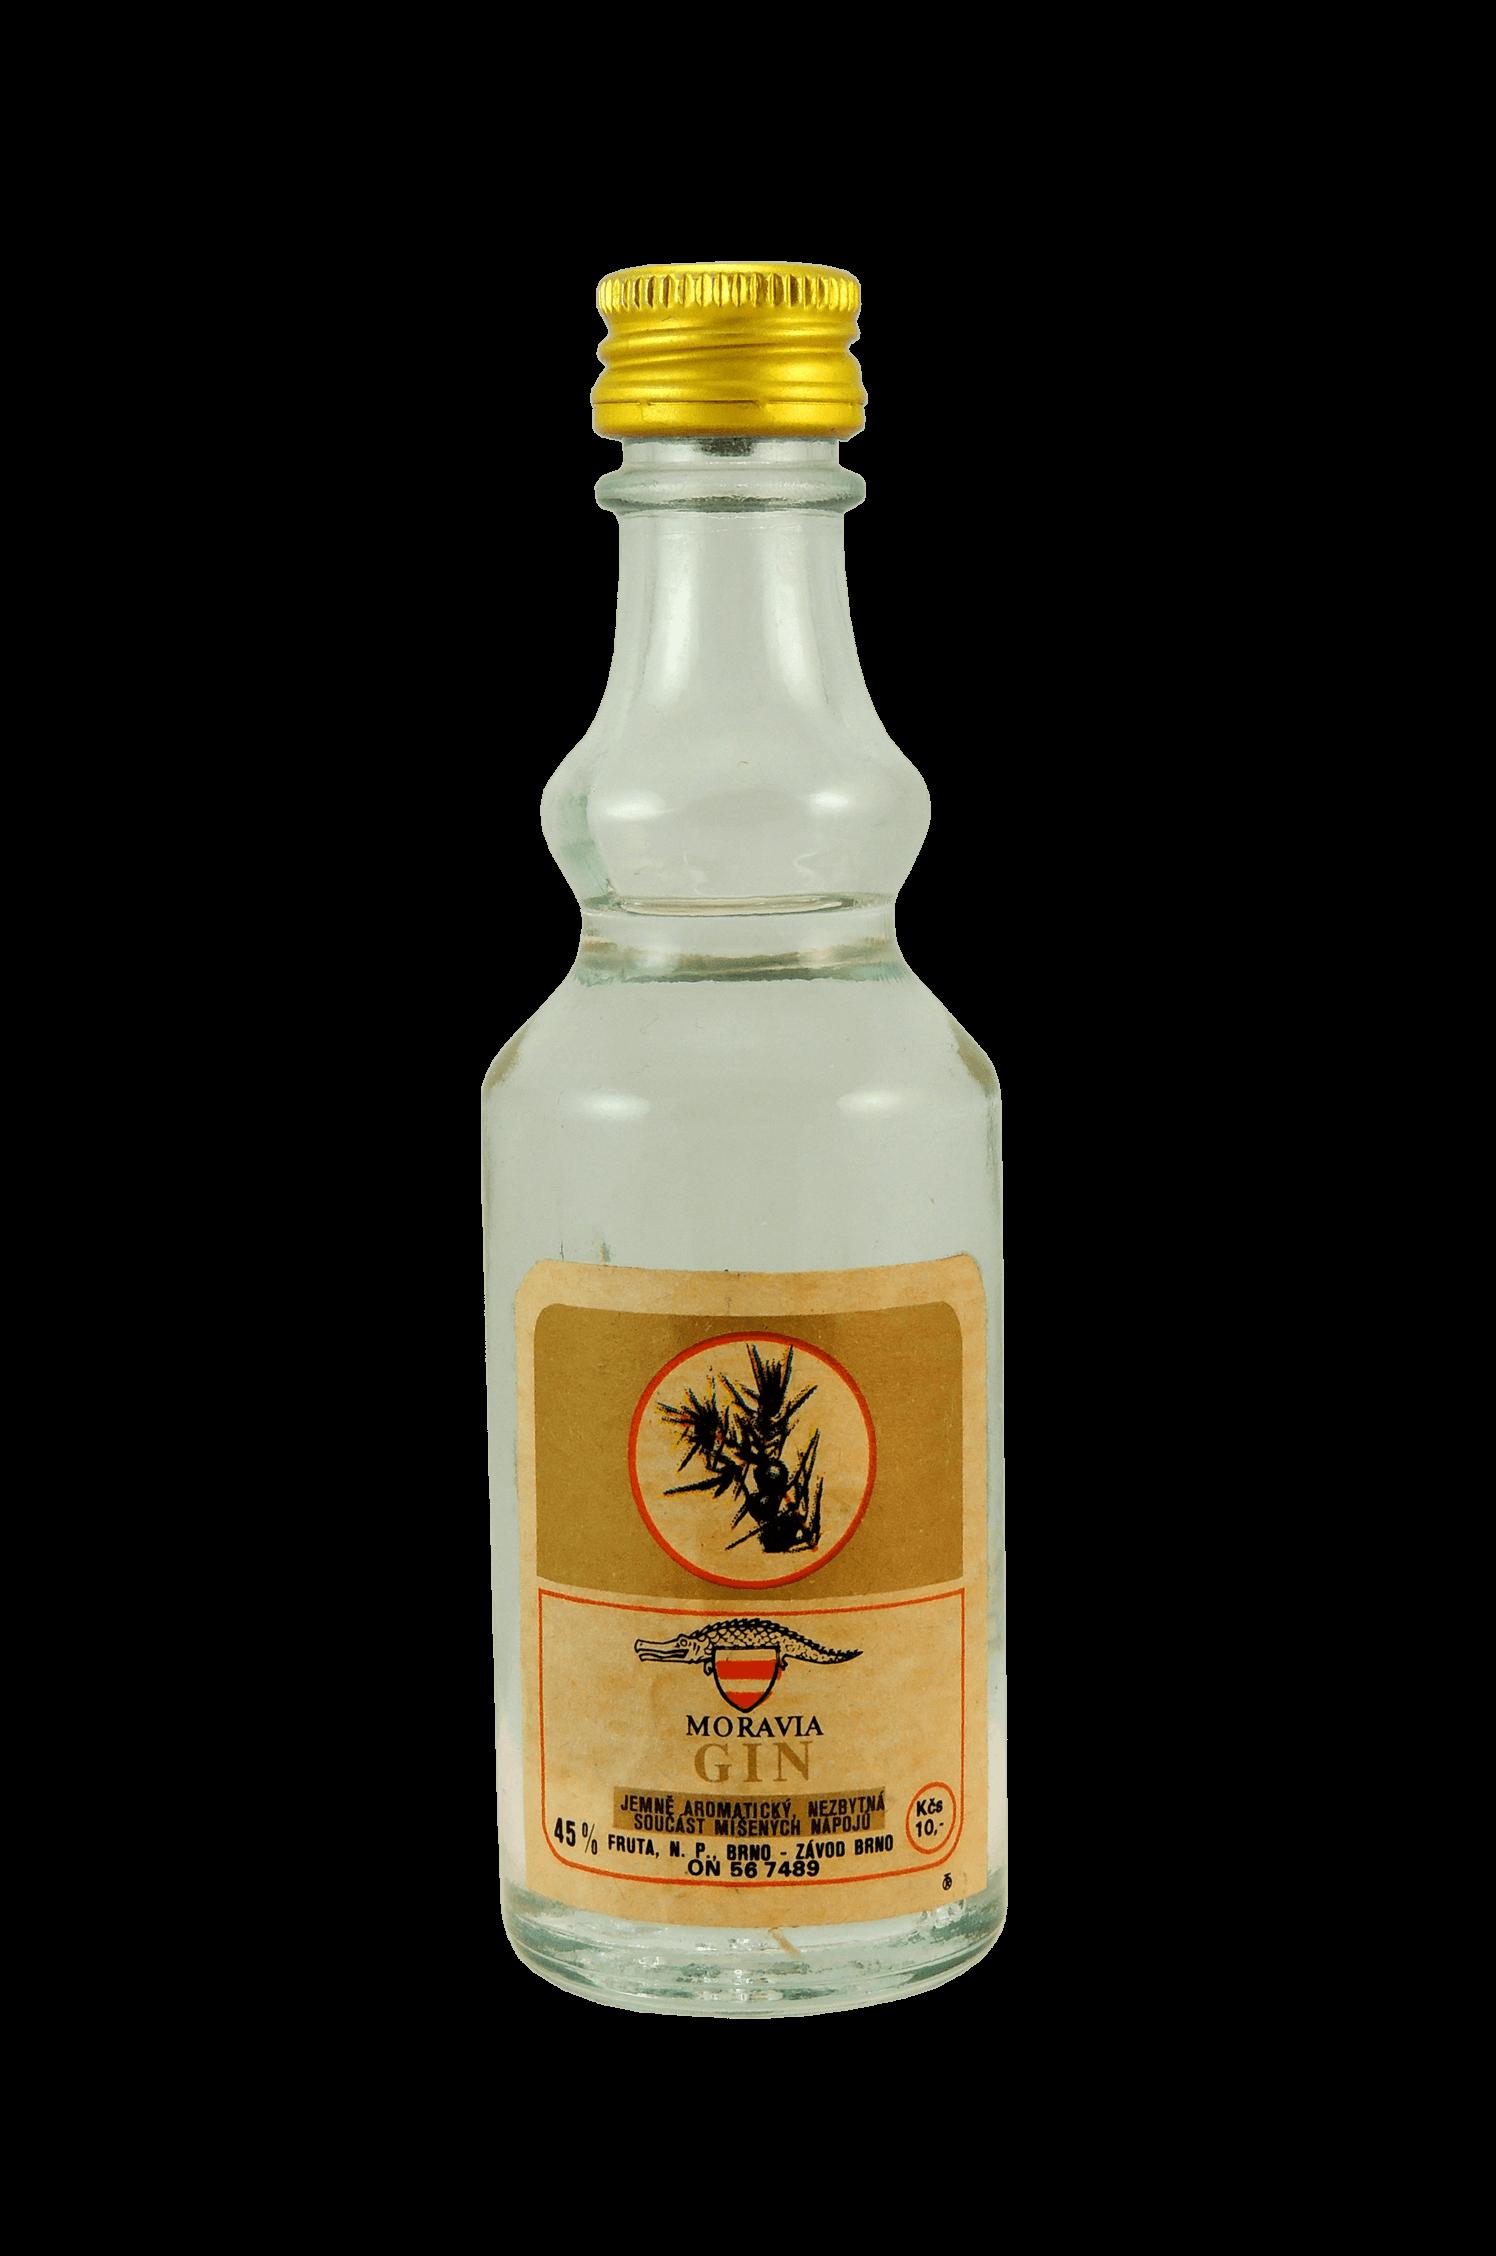 Moravia Gin